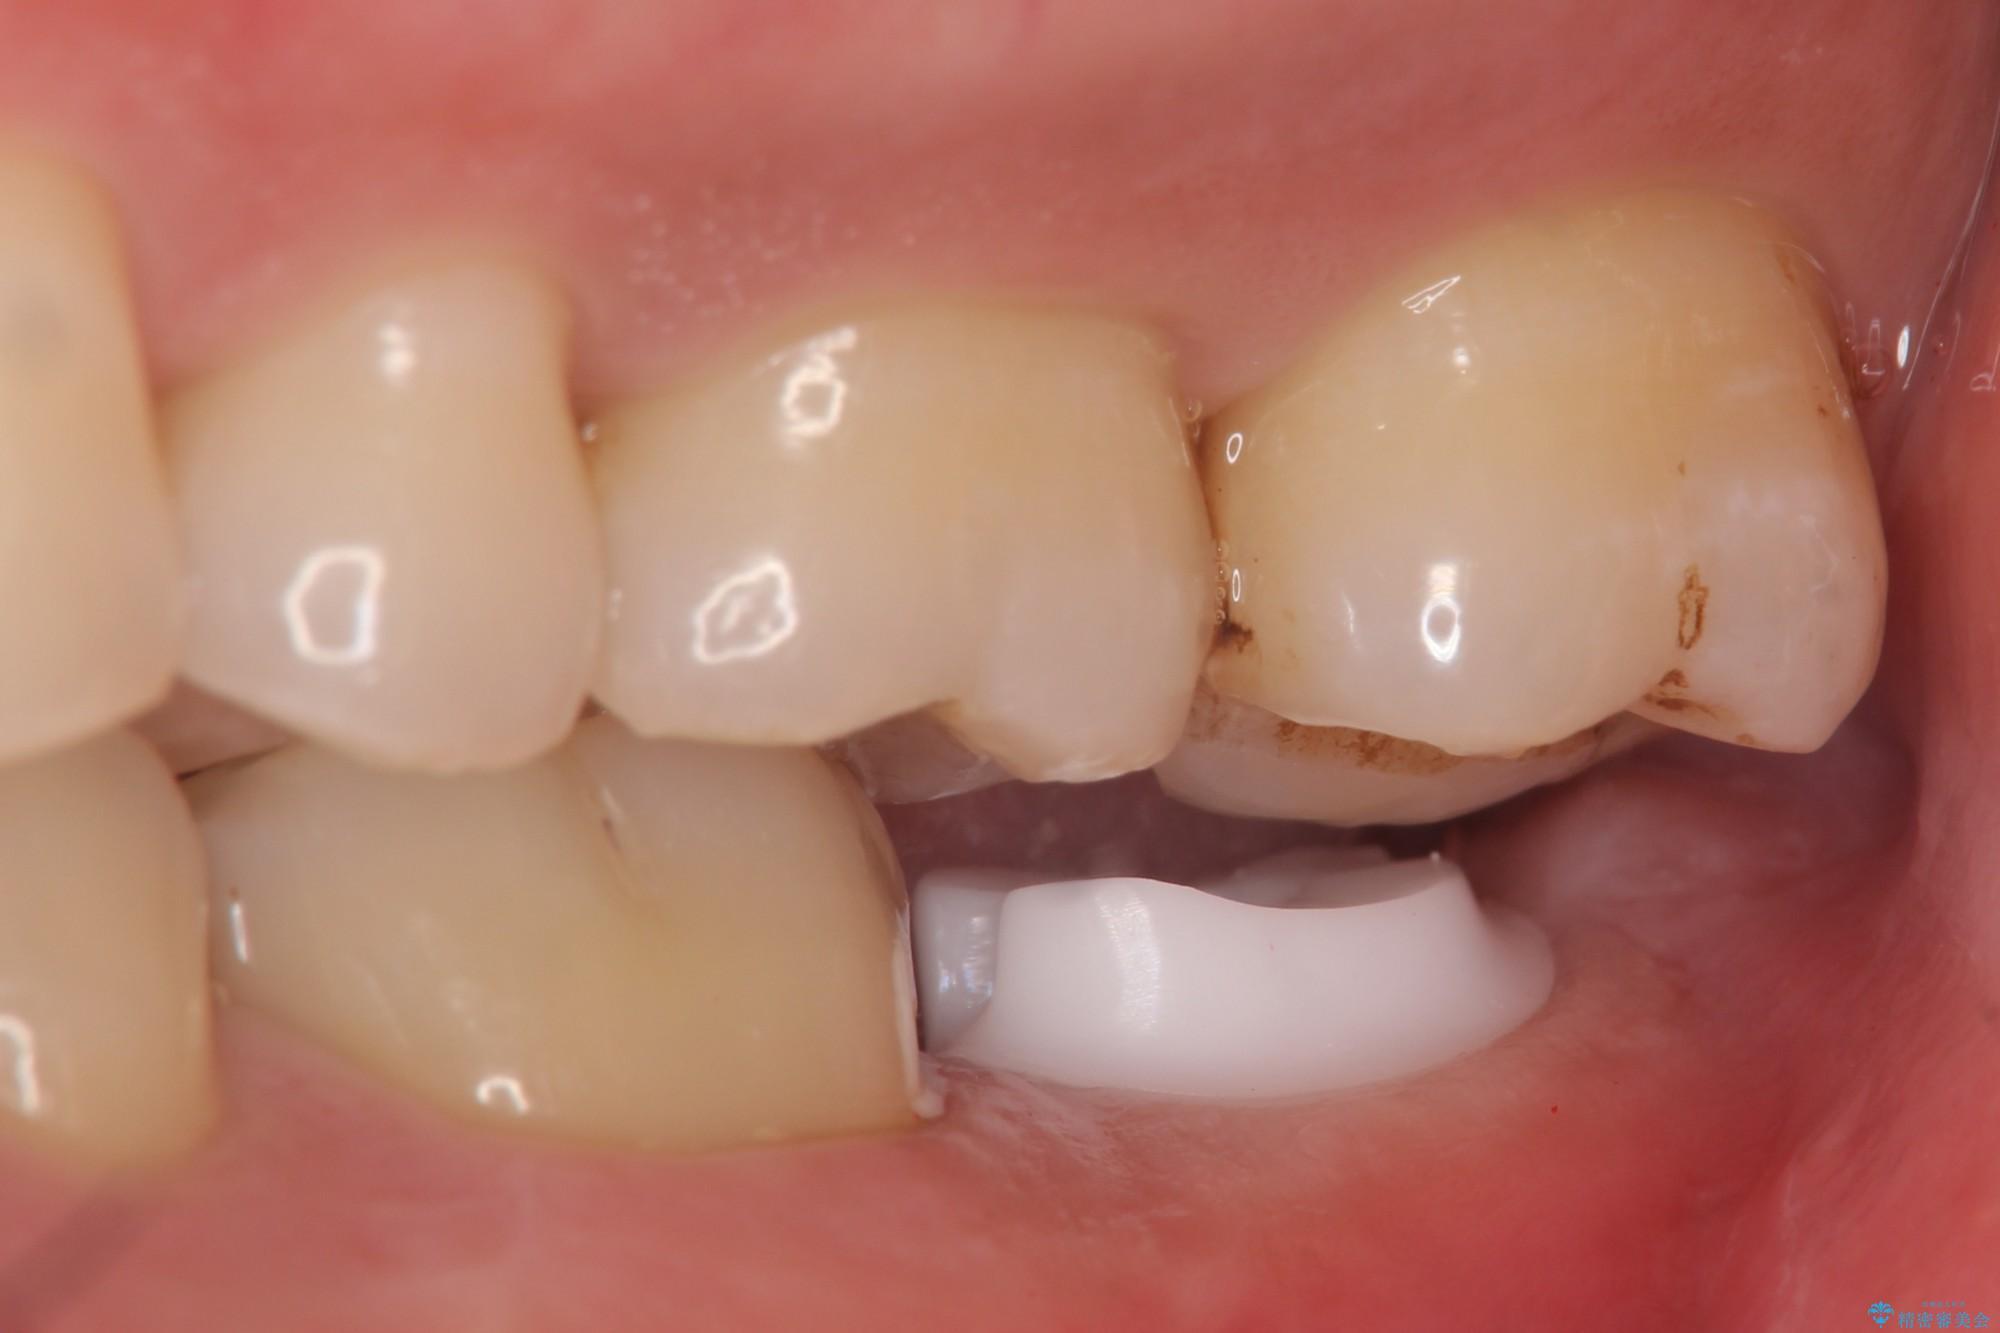 下の奥歯を虫歯で失ってしまった30代男性 ストローマンインプラント 治療中画像